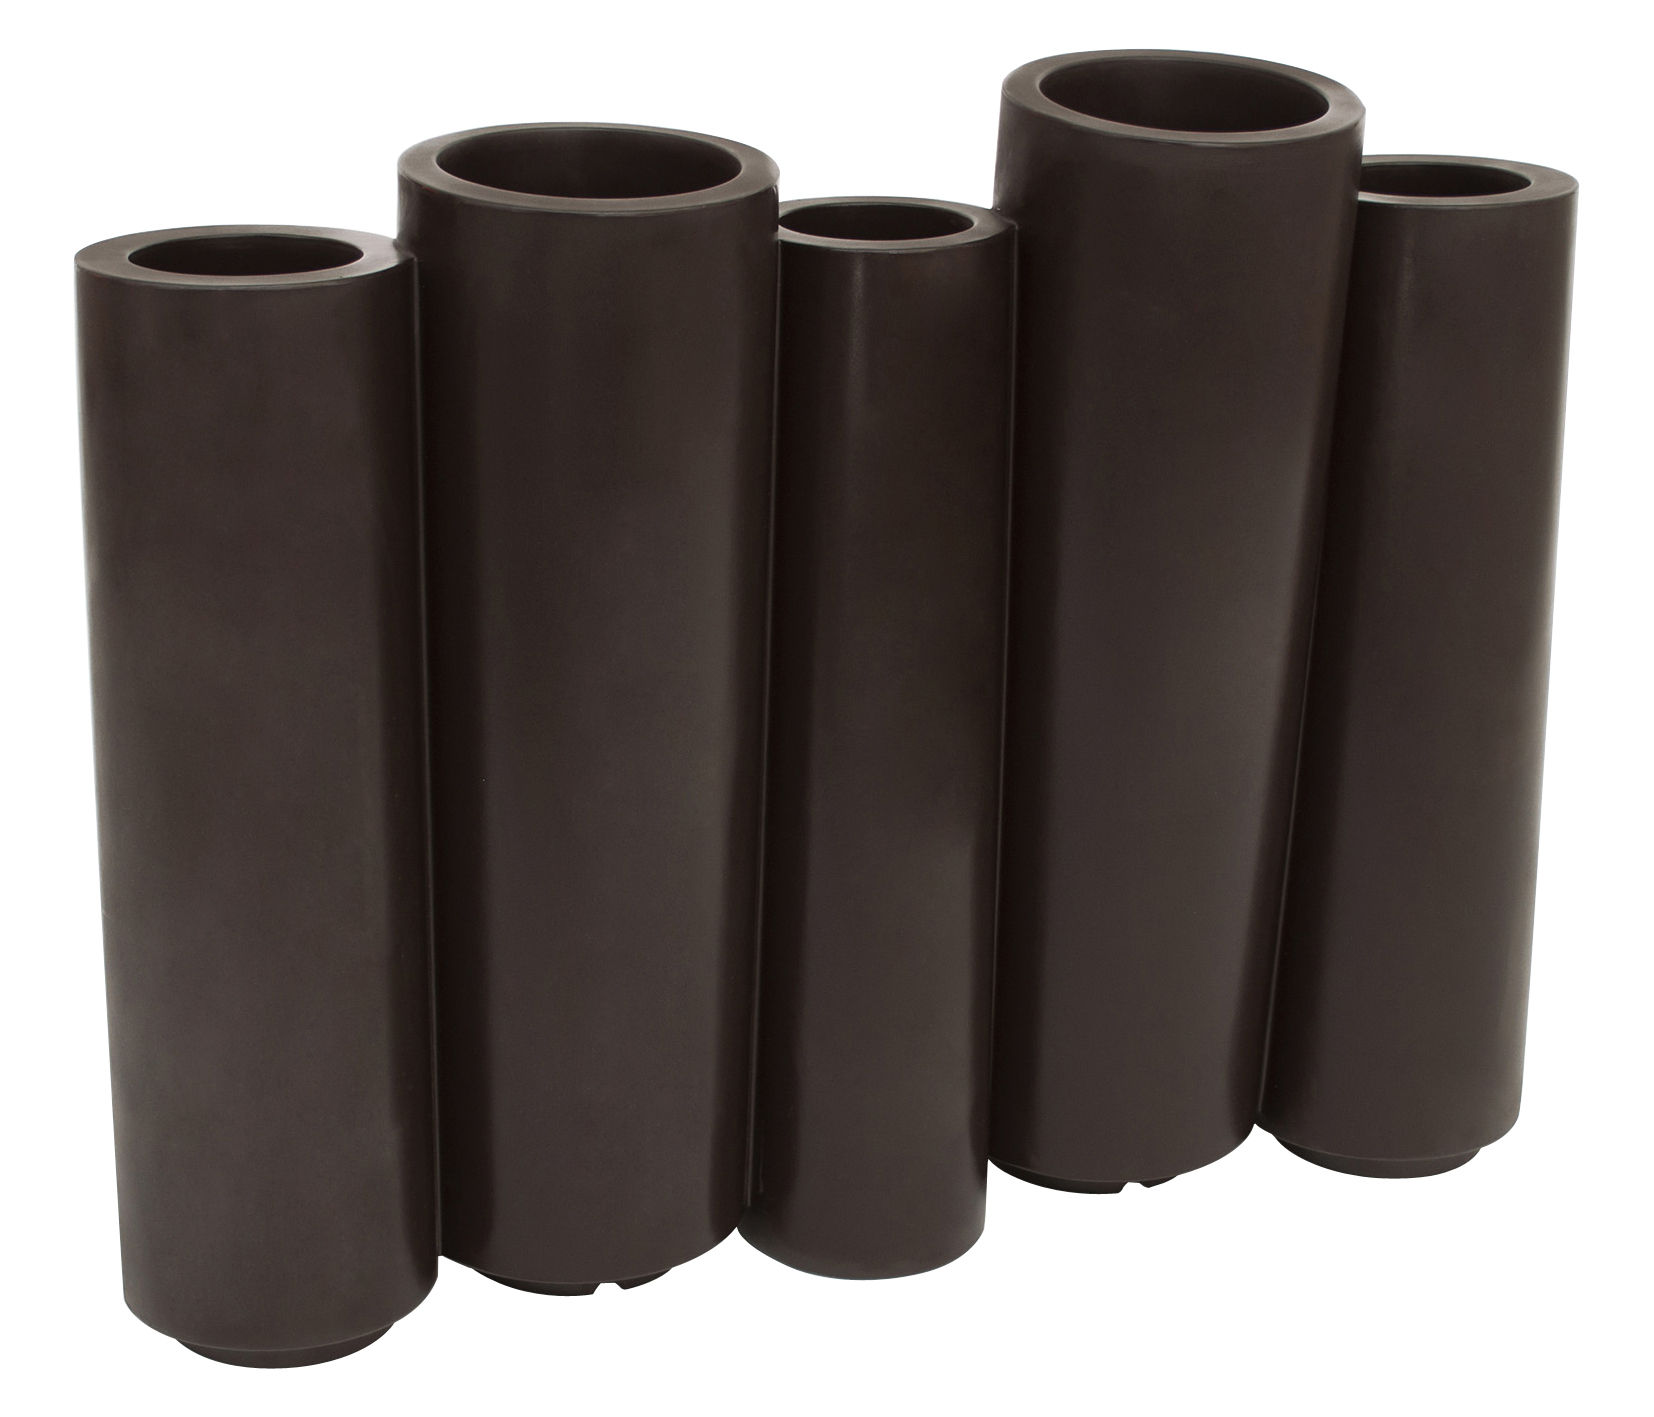 Outdoor - Vasi e Piante - Fioriera Bamboo - / L 100 x H 80 cm di Slide - Cioccolato - Polietilene